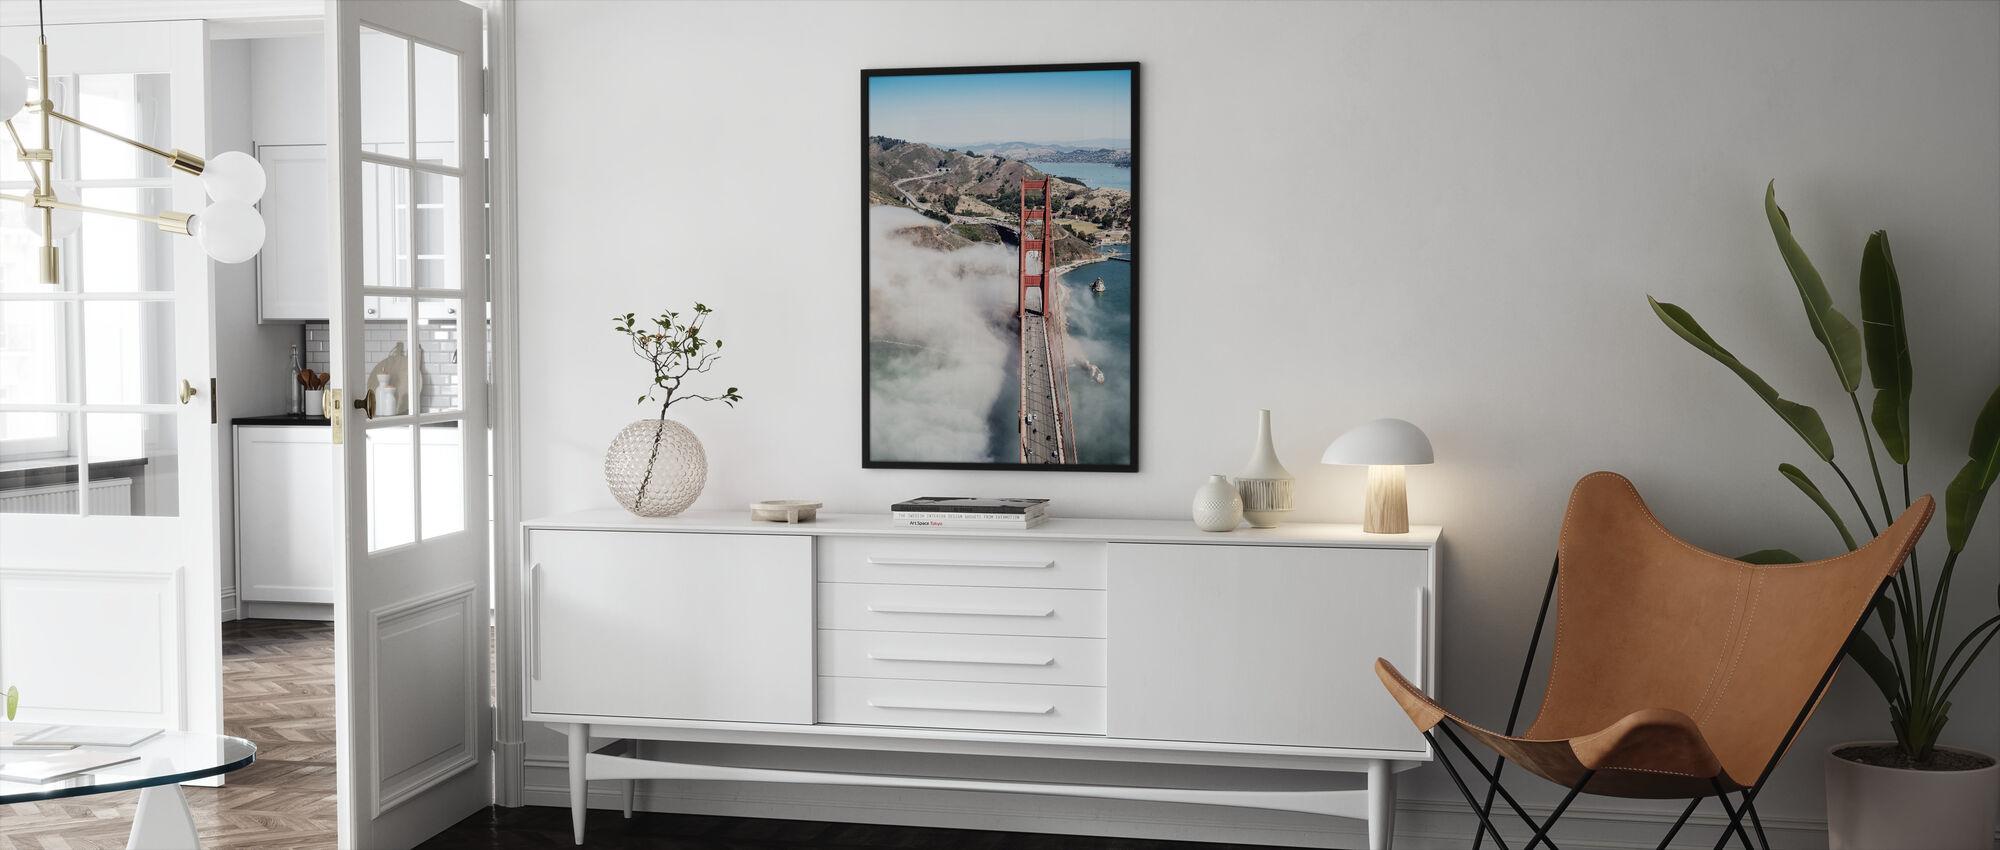 Golden Gate Bridge - Framed print - Living Room